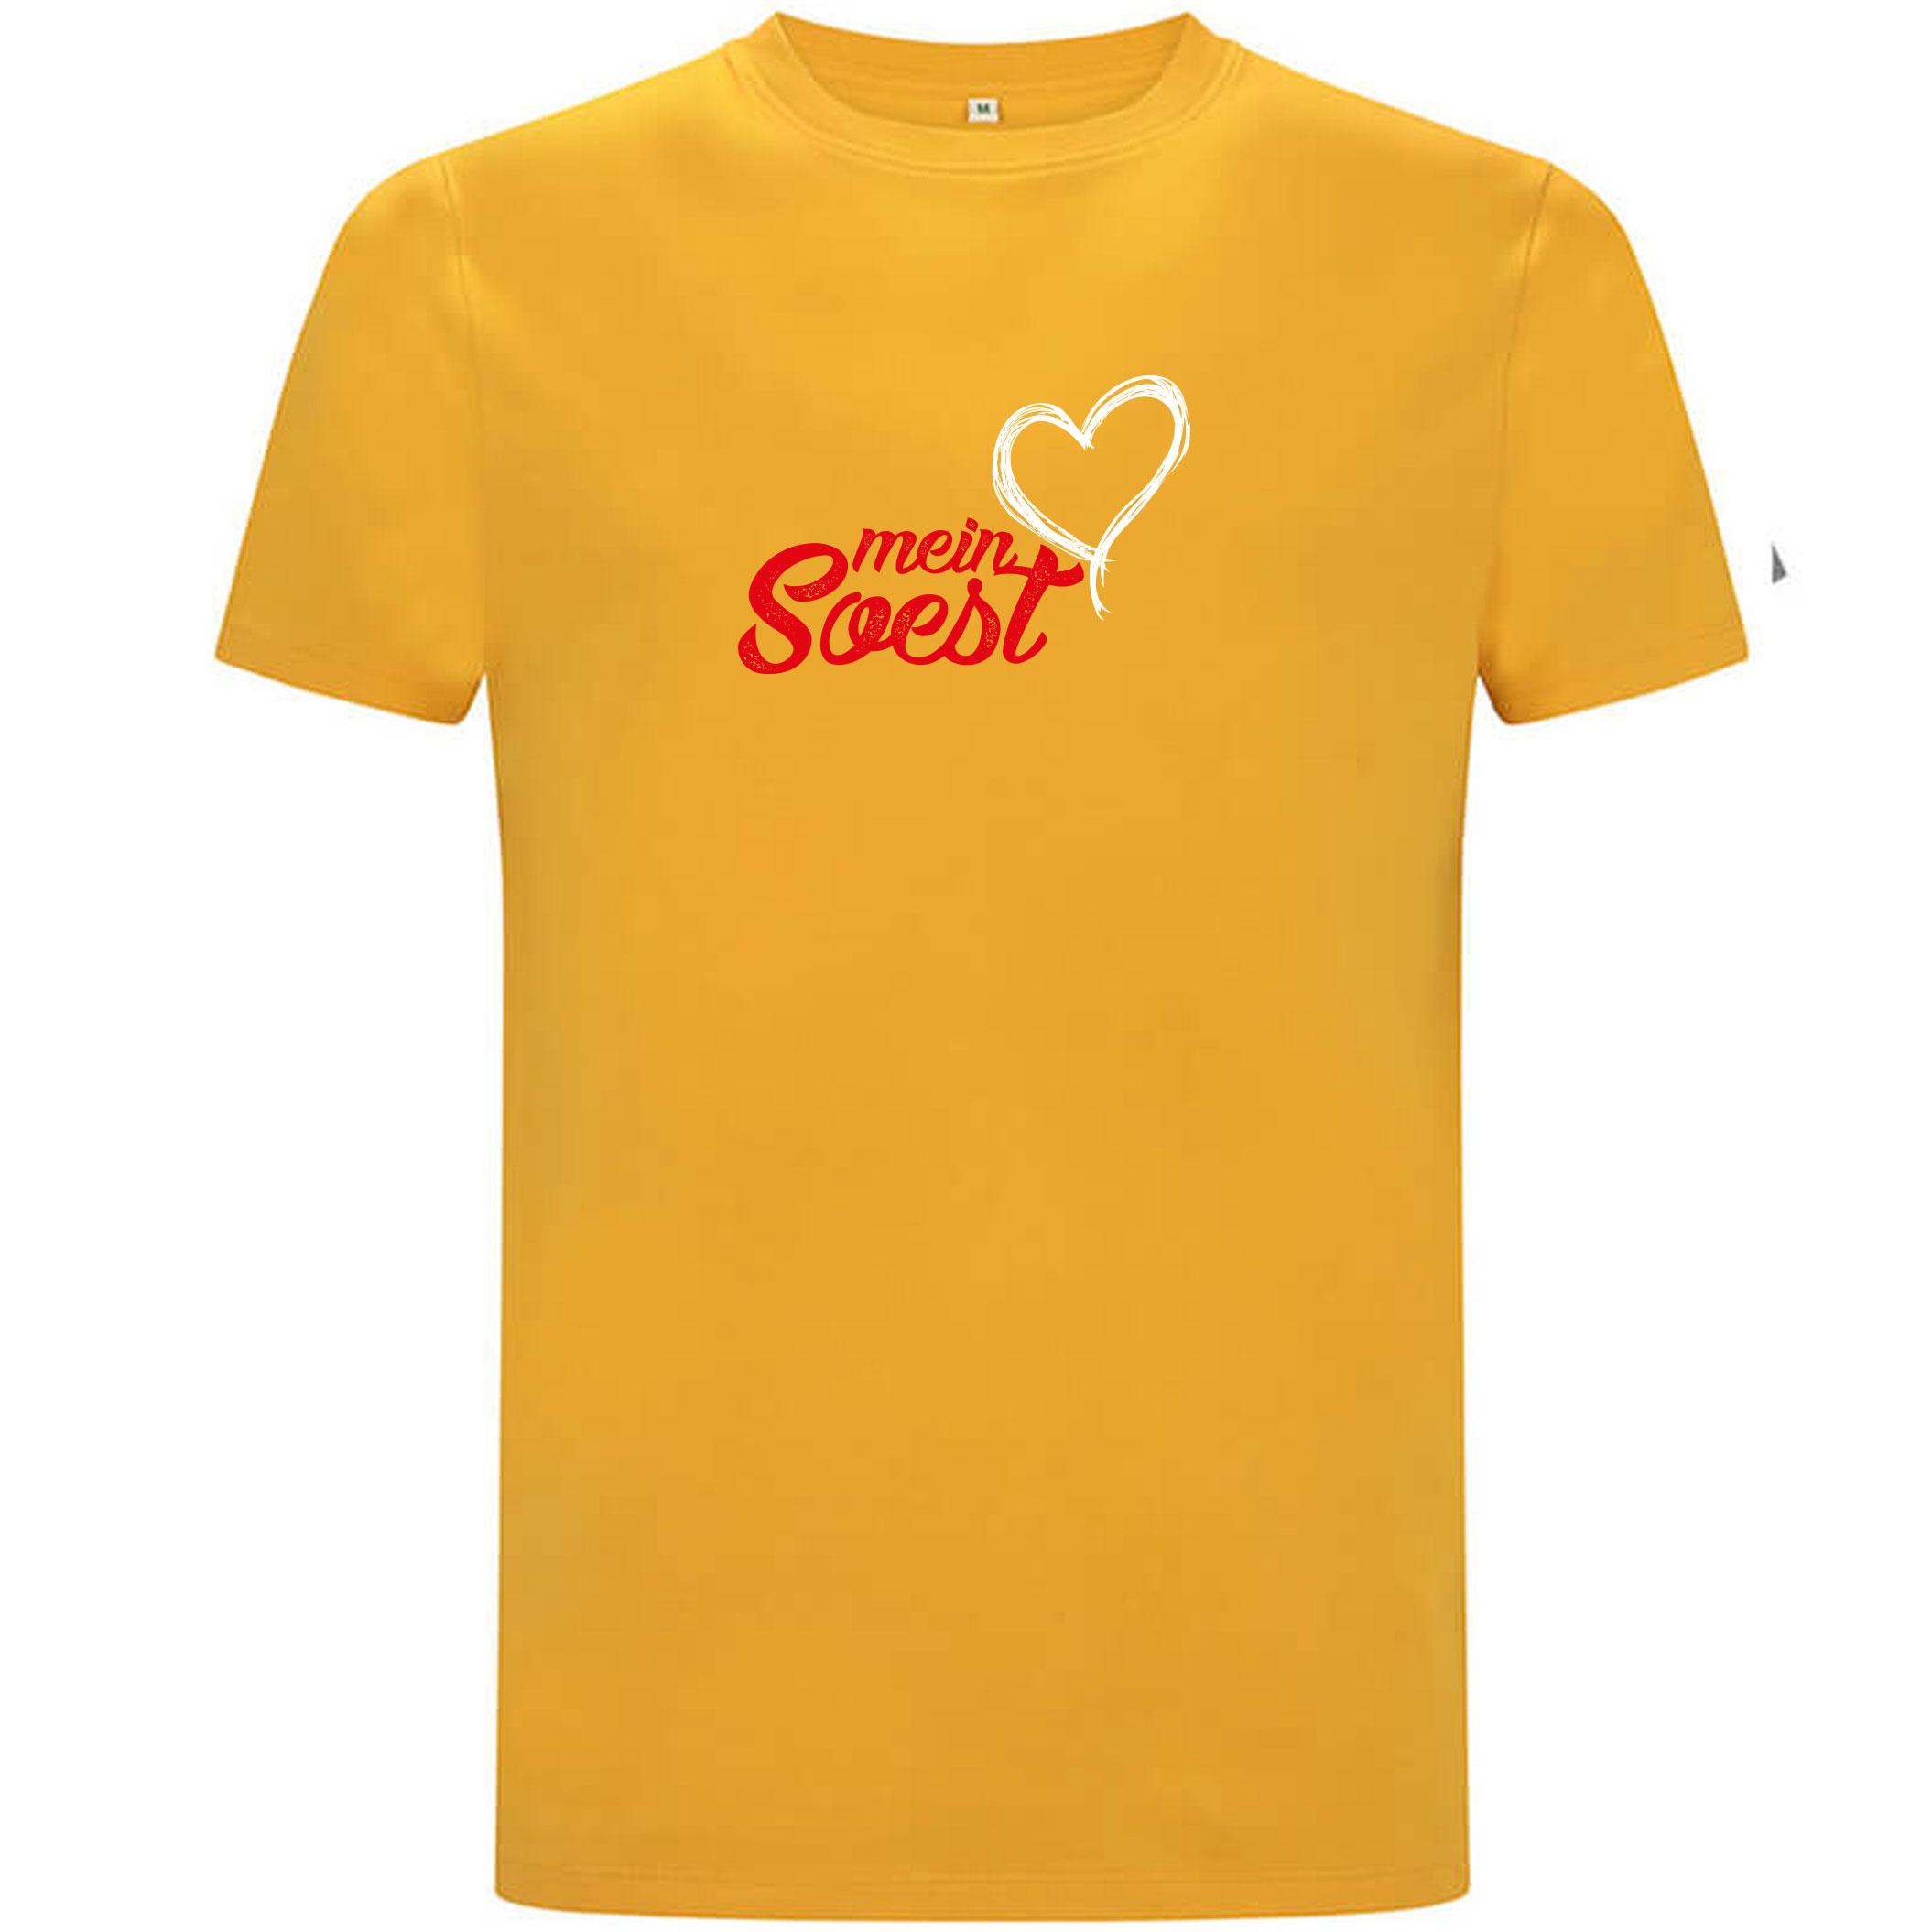 """Unisex FairWear T-Shirt aus Biobaumwolle mit Aufdruck """"mein Soest"""""""